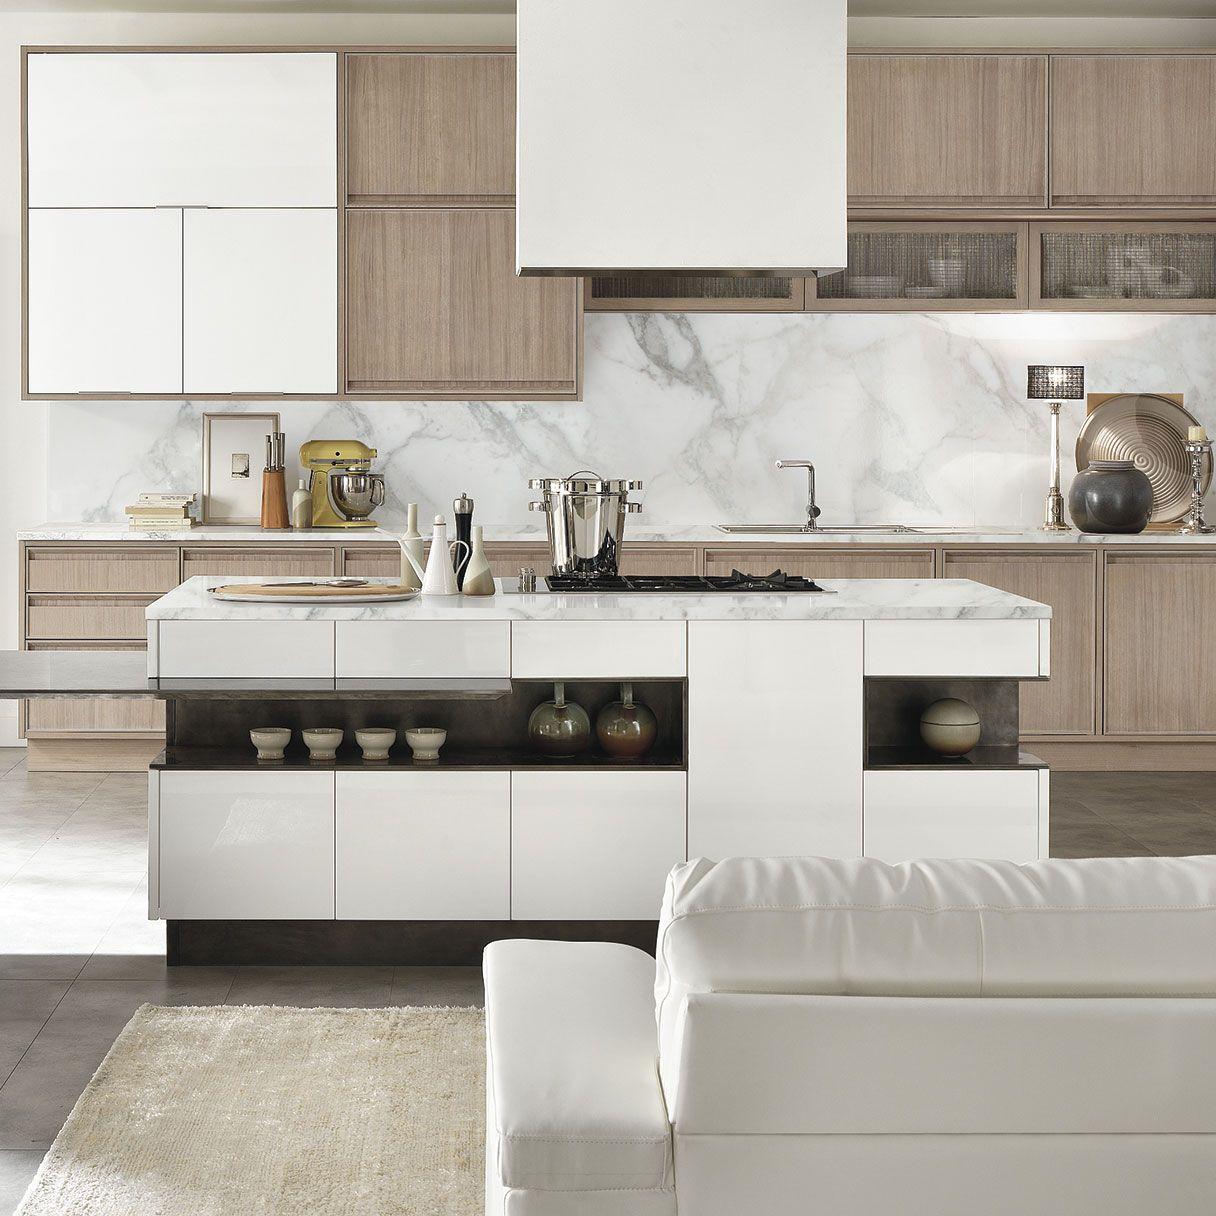 timeline in 2020 kitchen design kitchen collection modern house design on kitchen remodel timeline id=99133